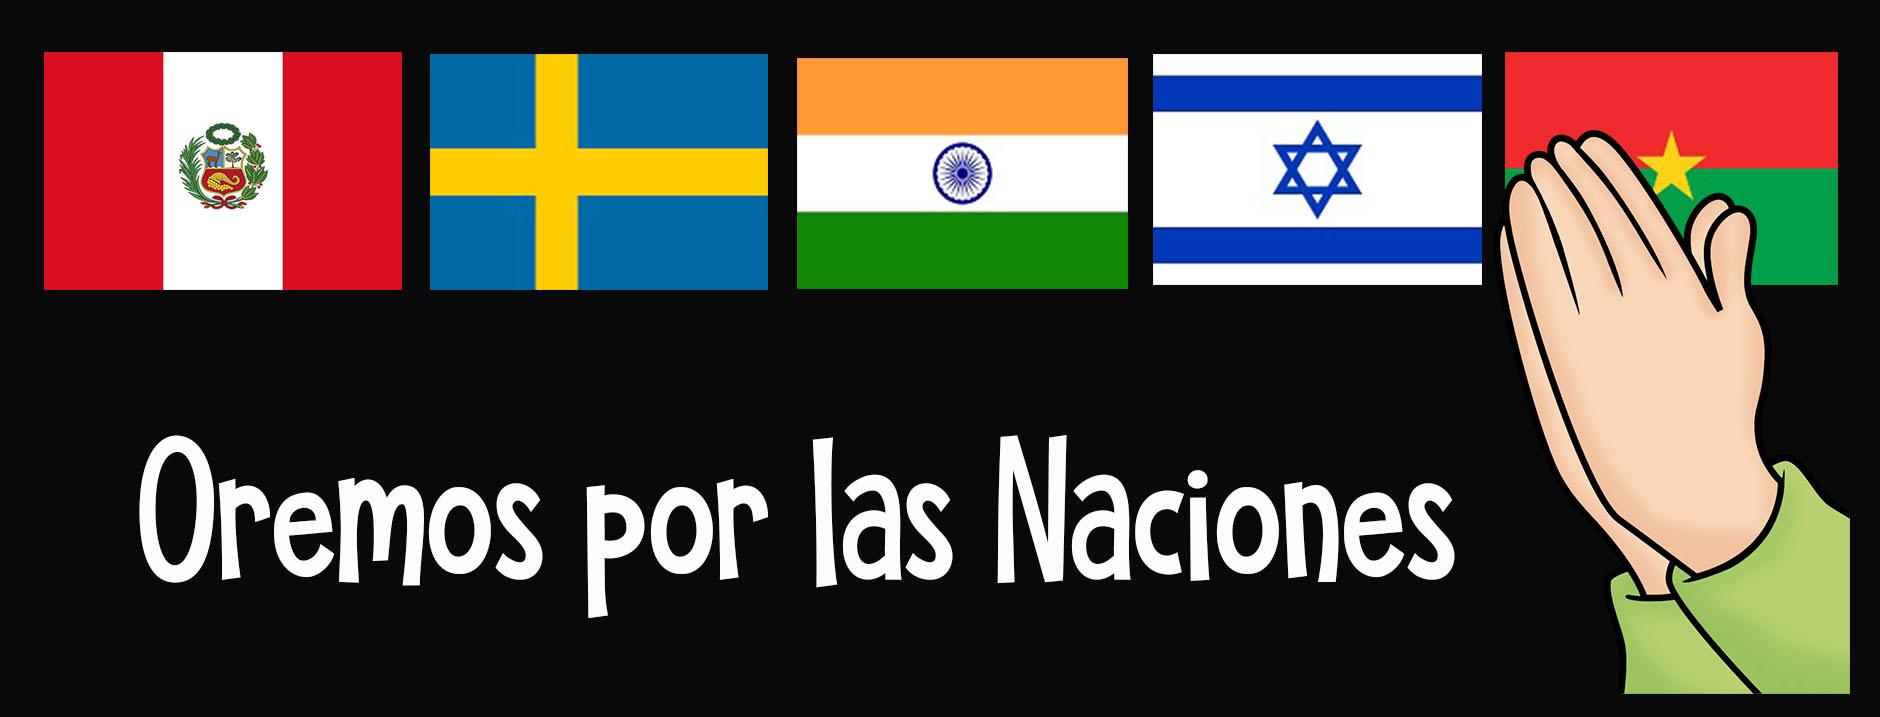 Oremos por las Naciones